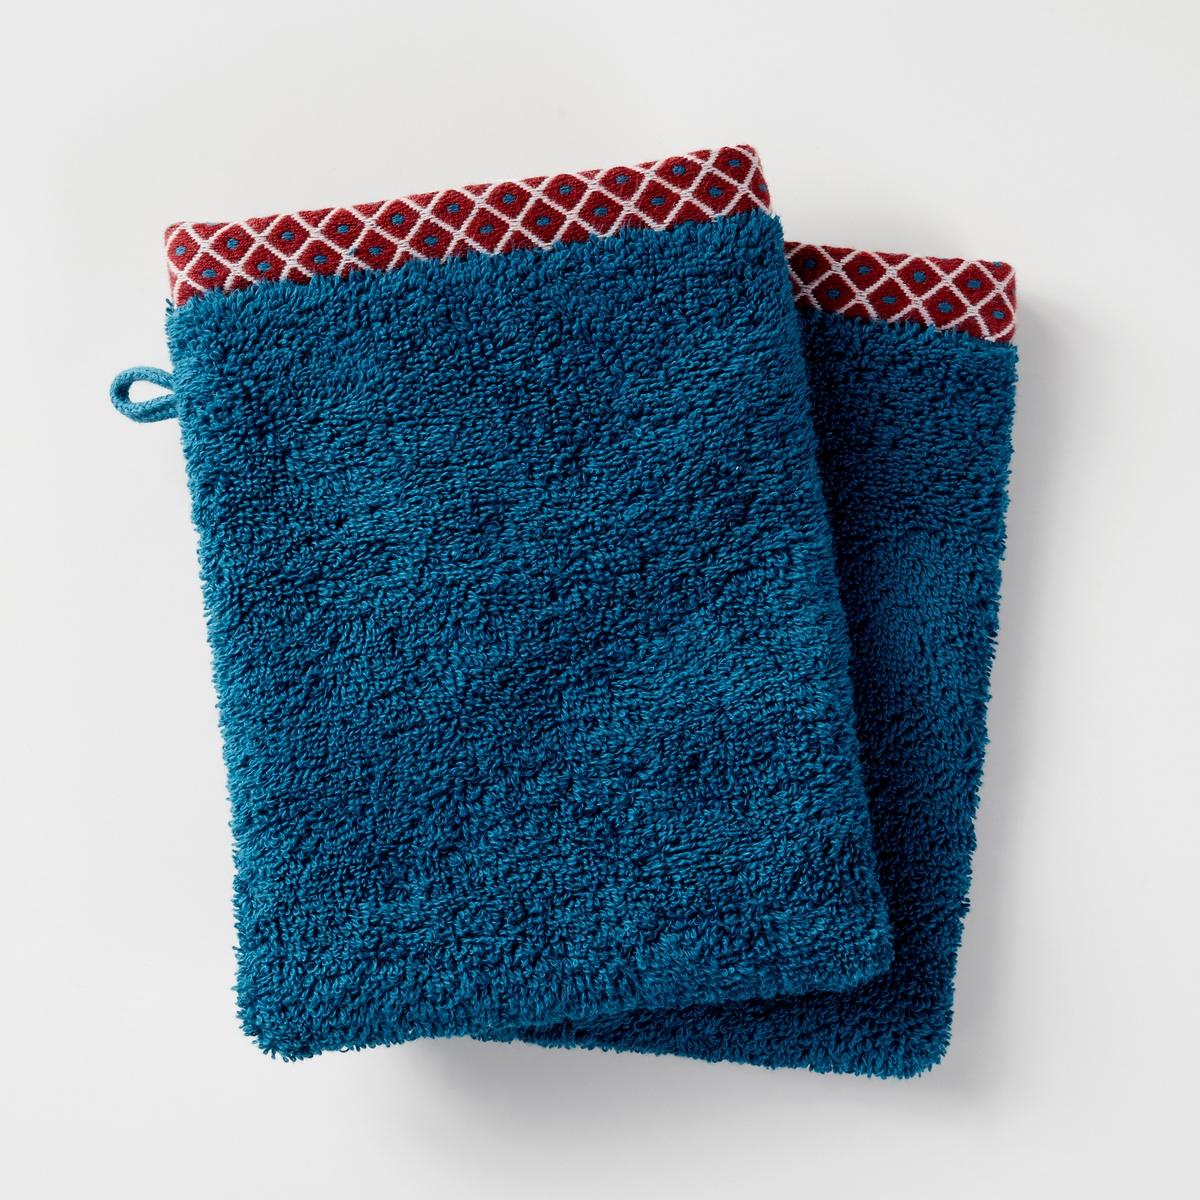 Комплект из 2-х банных рукавичек, 100% хлопка, EVORA